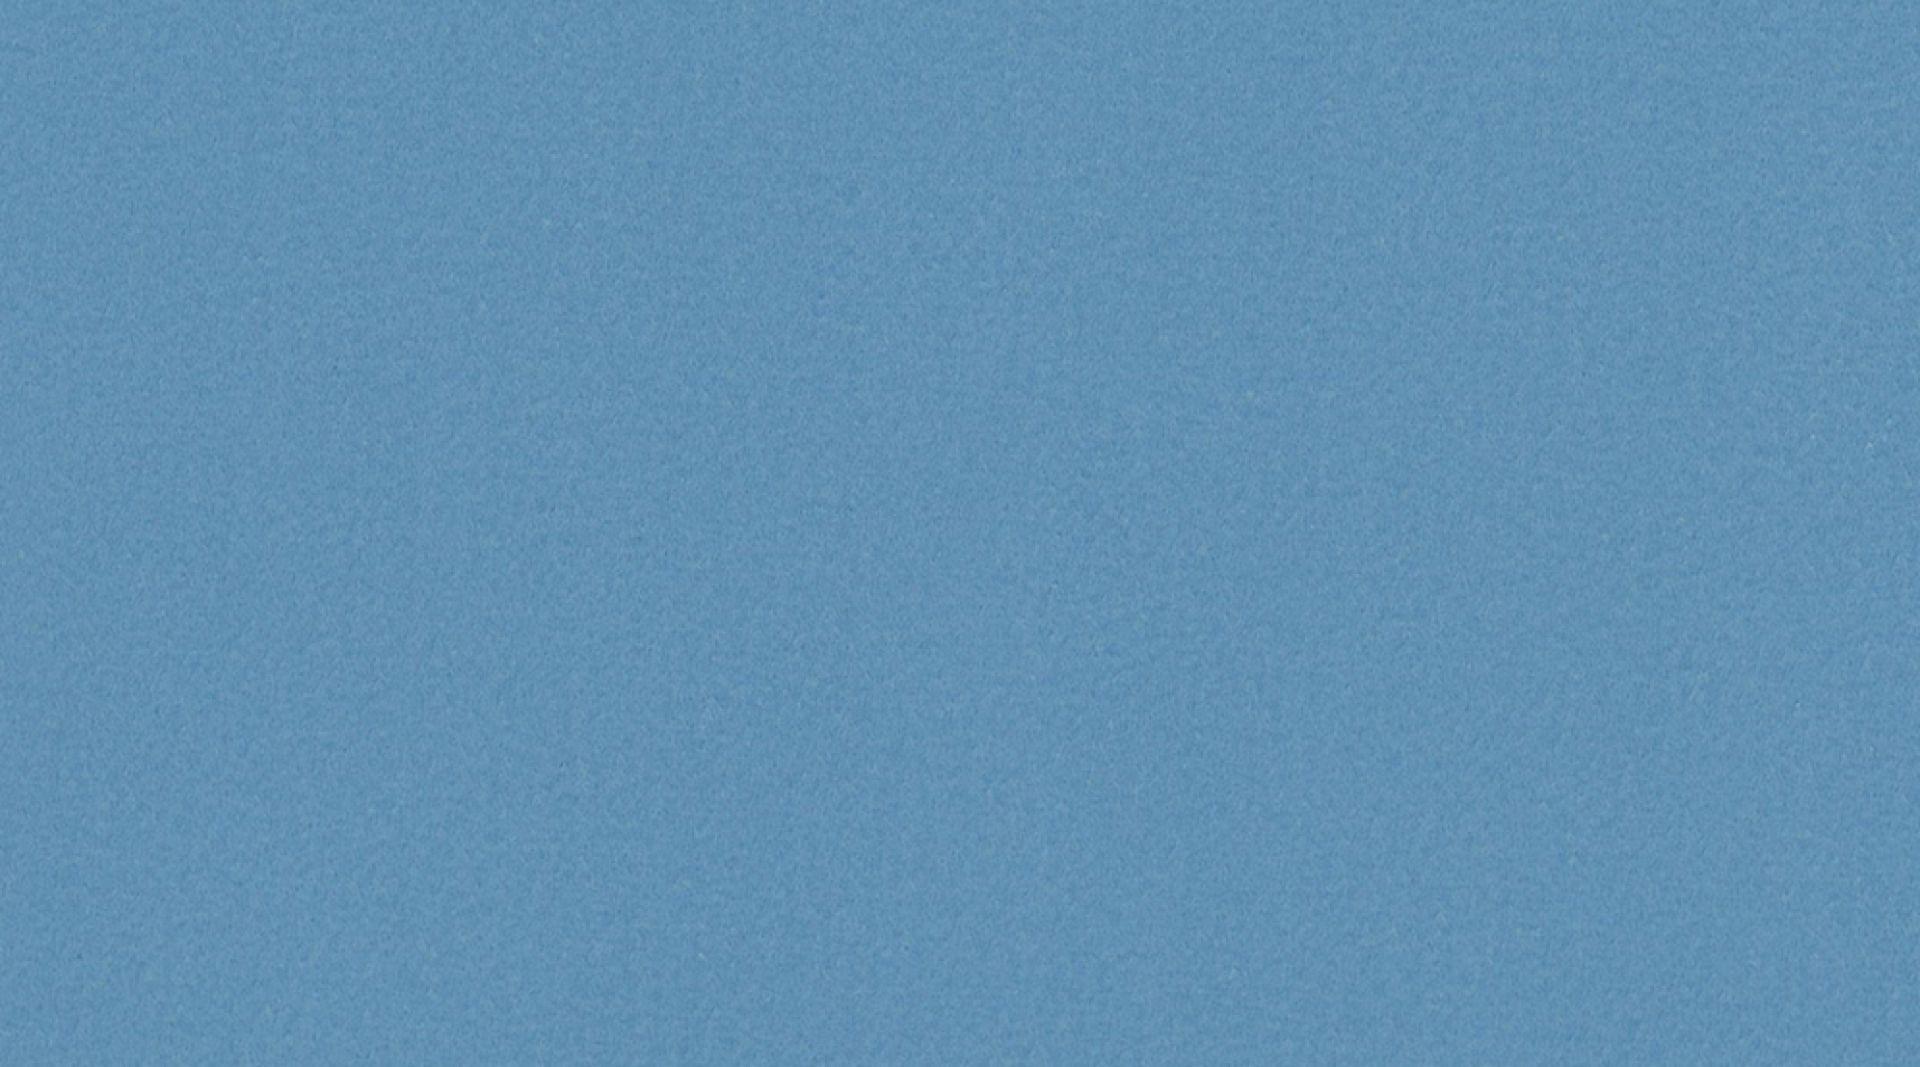 0837 blue